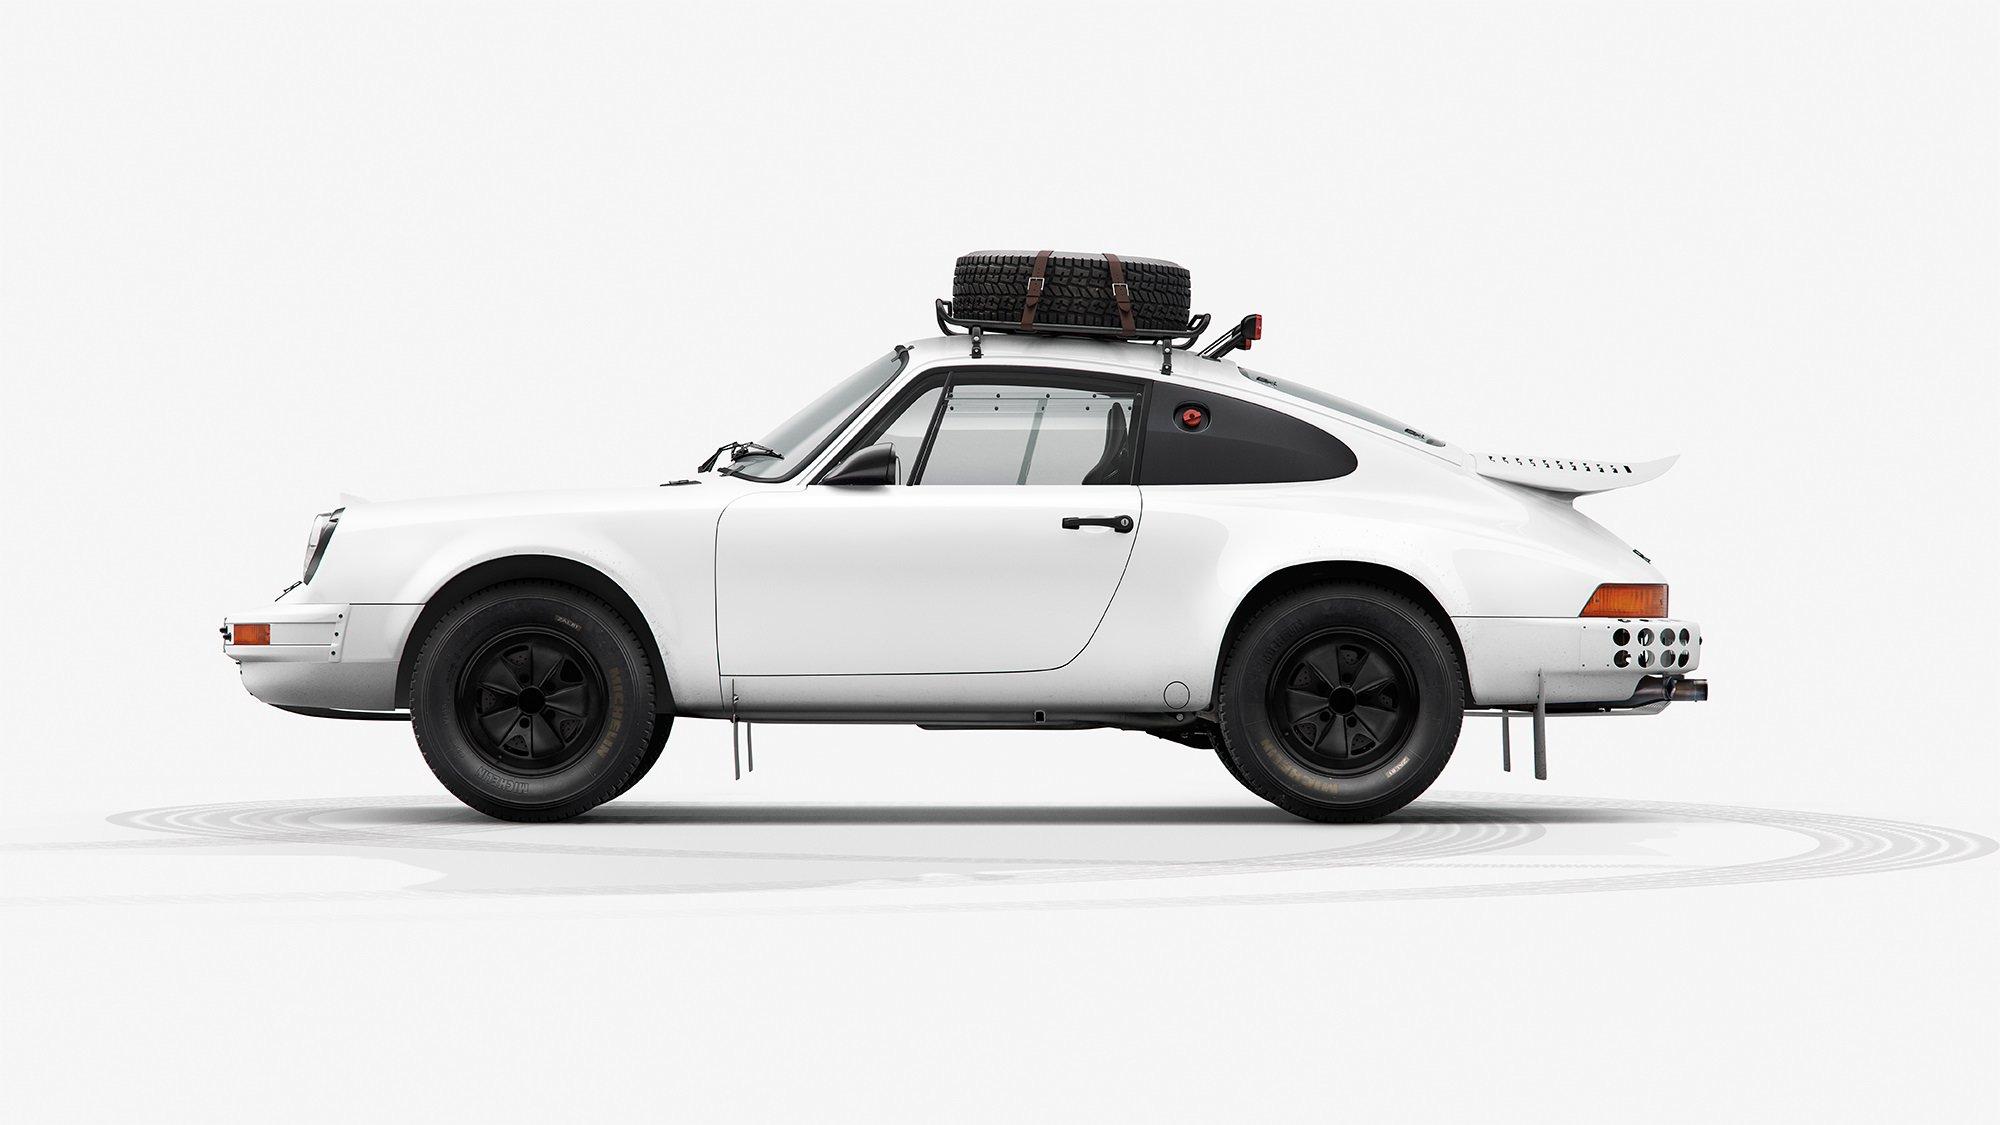 The Porsche 953 INK Print - 1984 Paris-Dakar Rally Winner